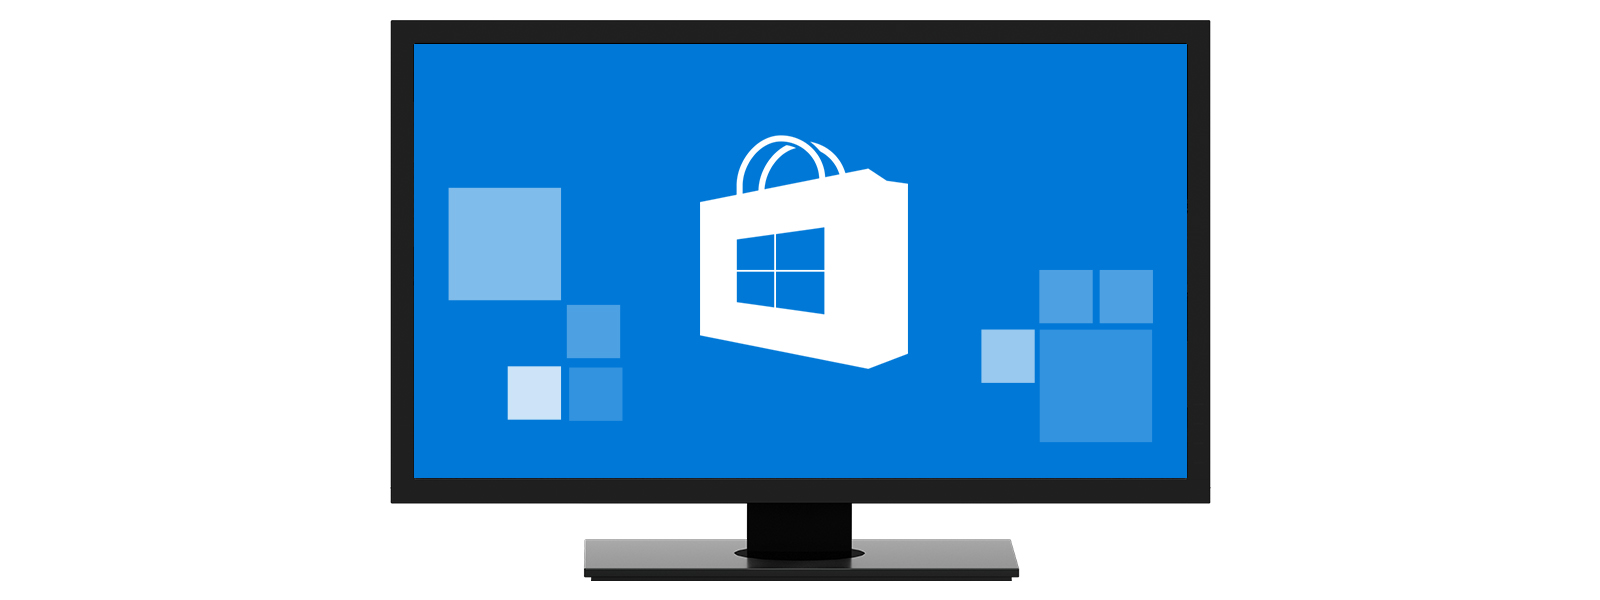 พีซีที่มีโลโก้ Microsoft Store บนหน้าจอ